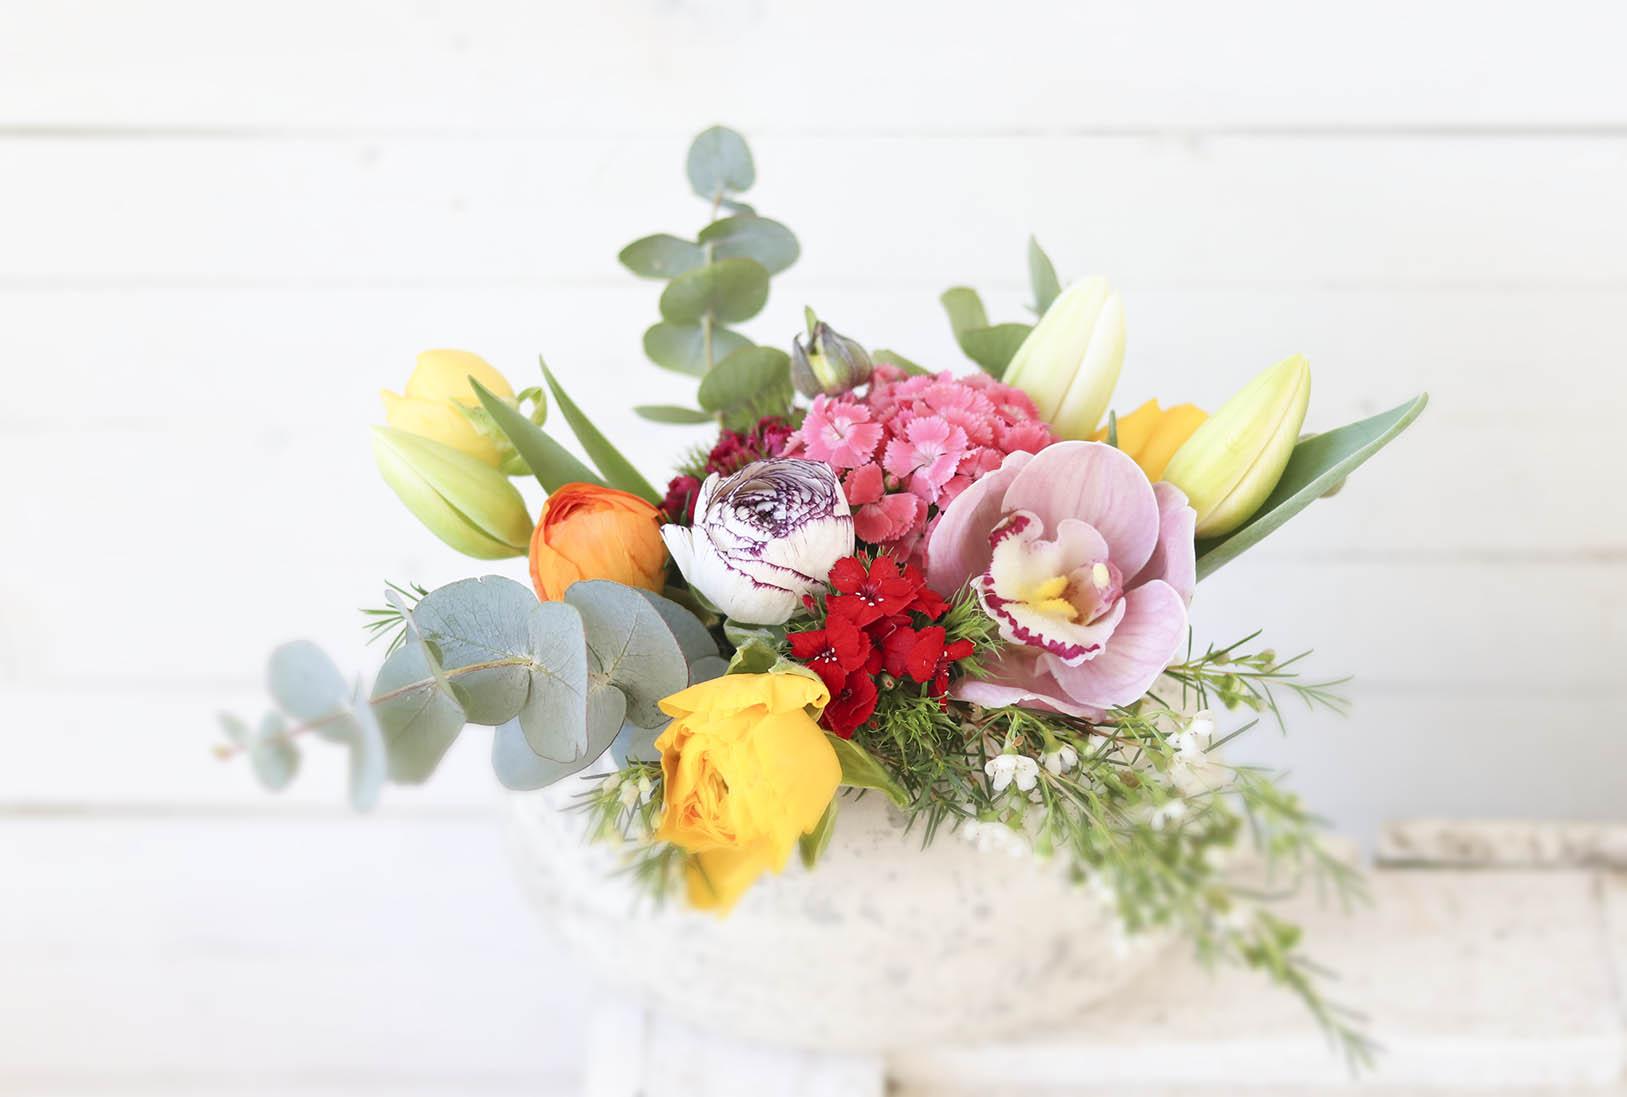 Cómo cuidar un centro de flores naturales